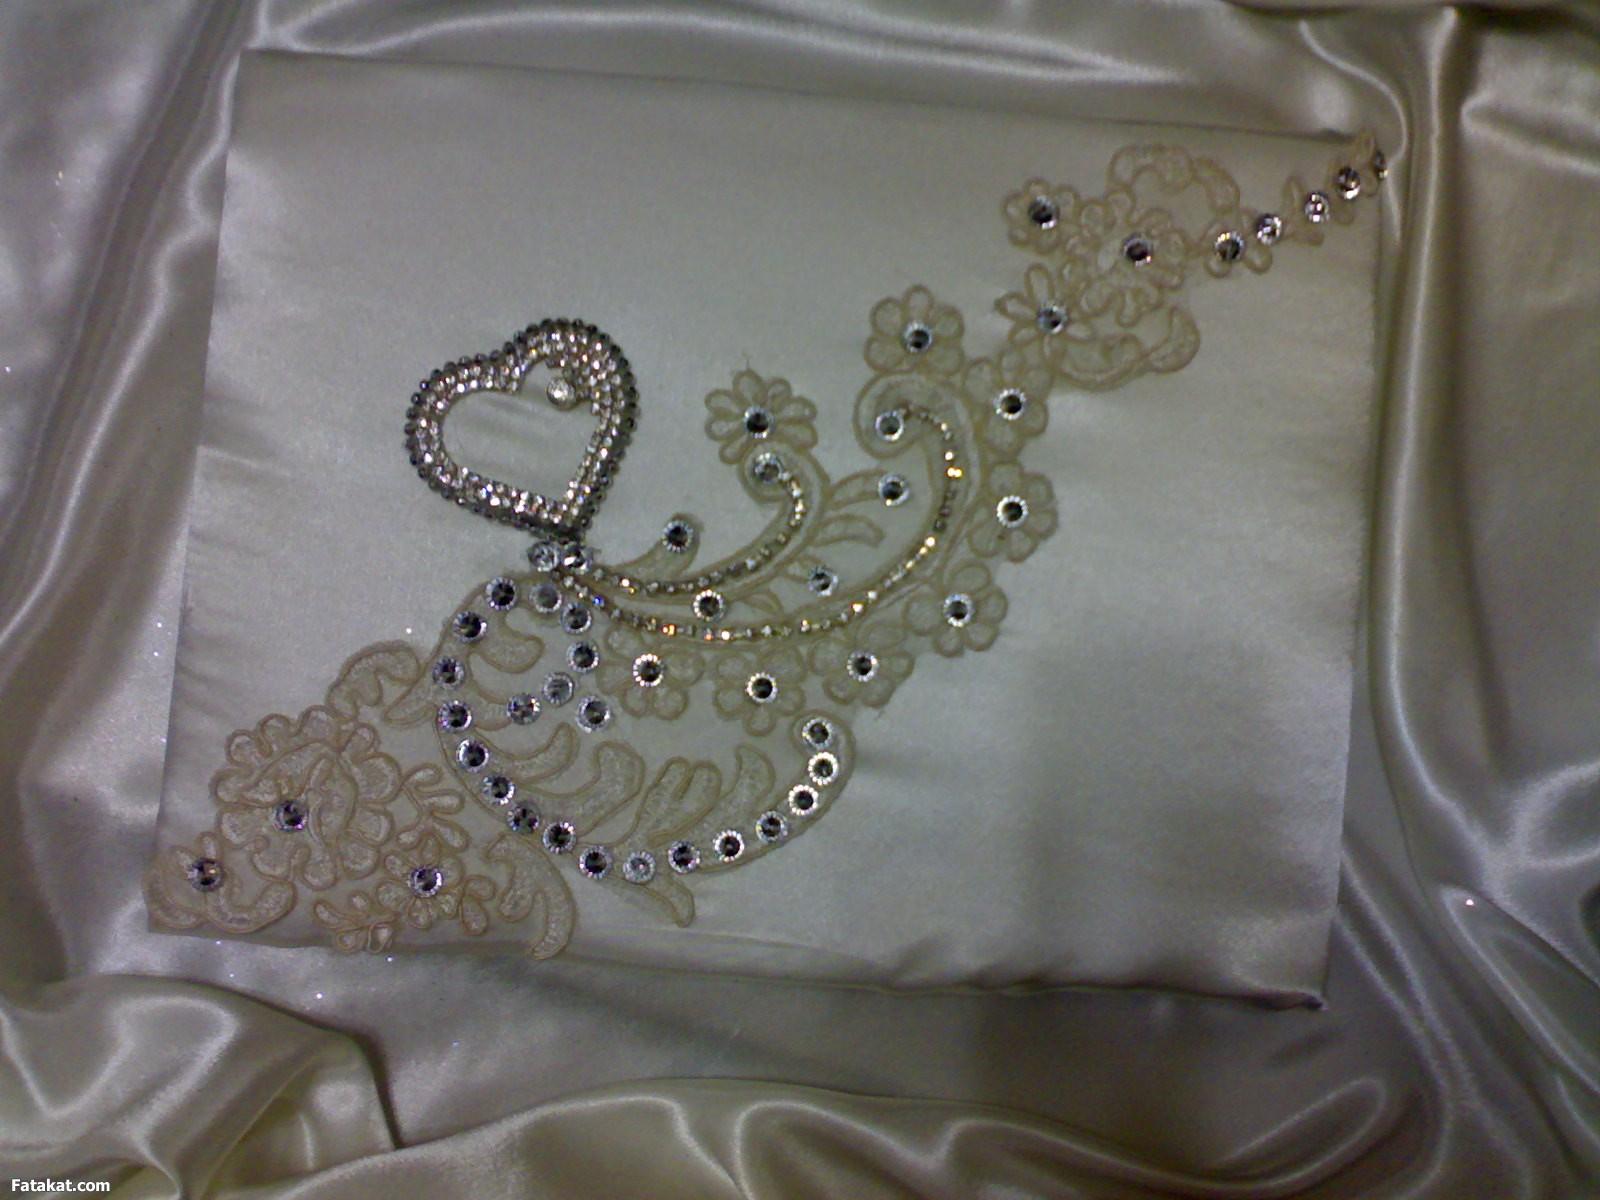 بالصور اشغال يدوية للعروس بالصور 20160907 1234